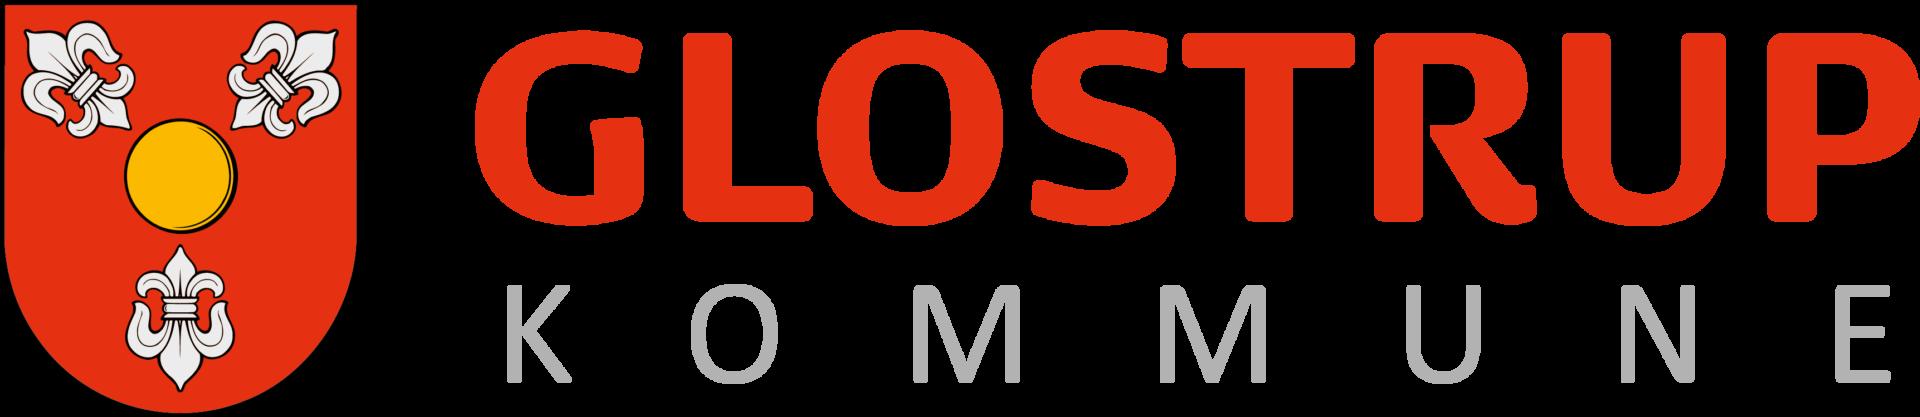 Glostrup Kommune logo